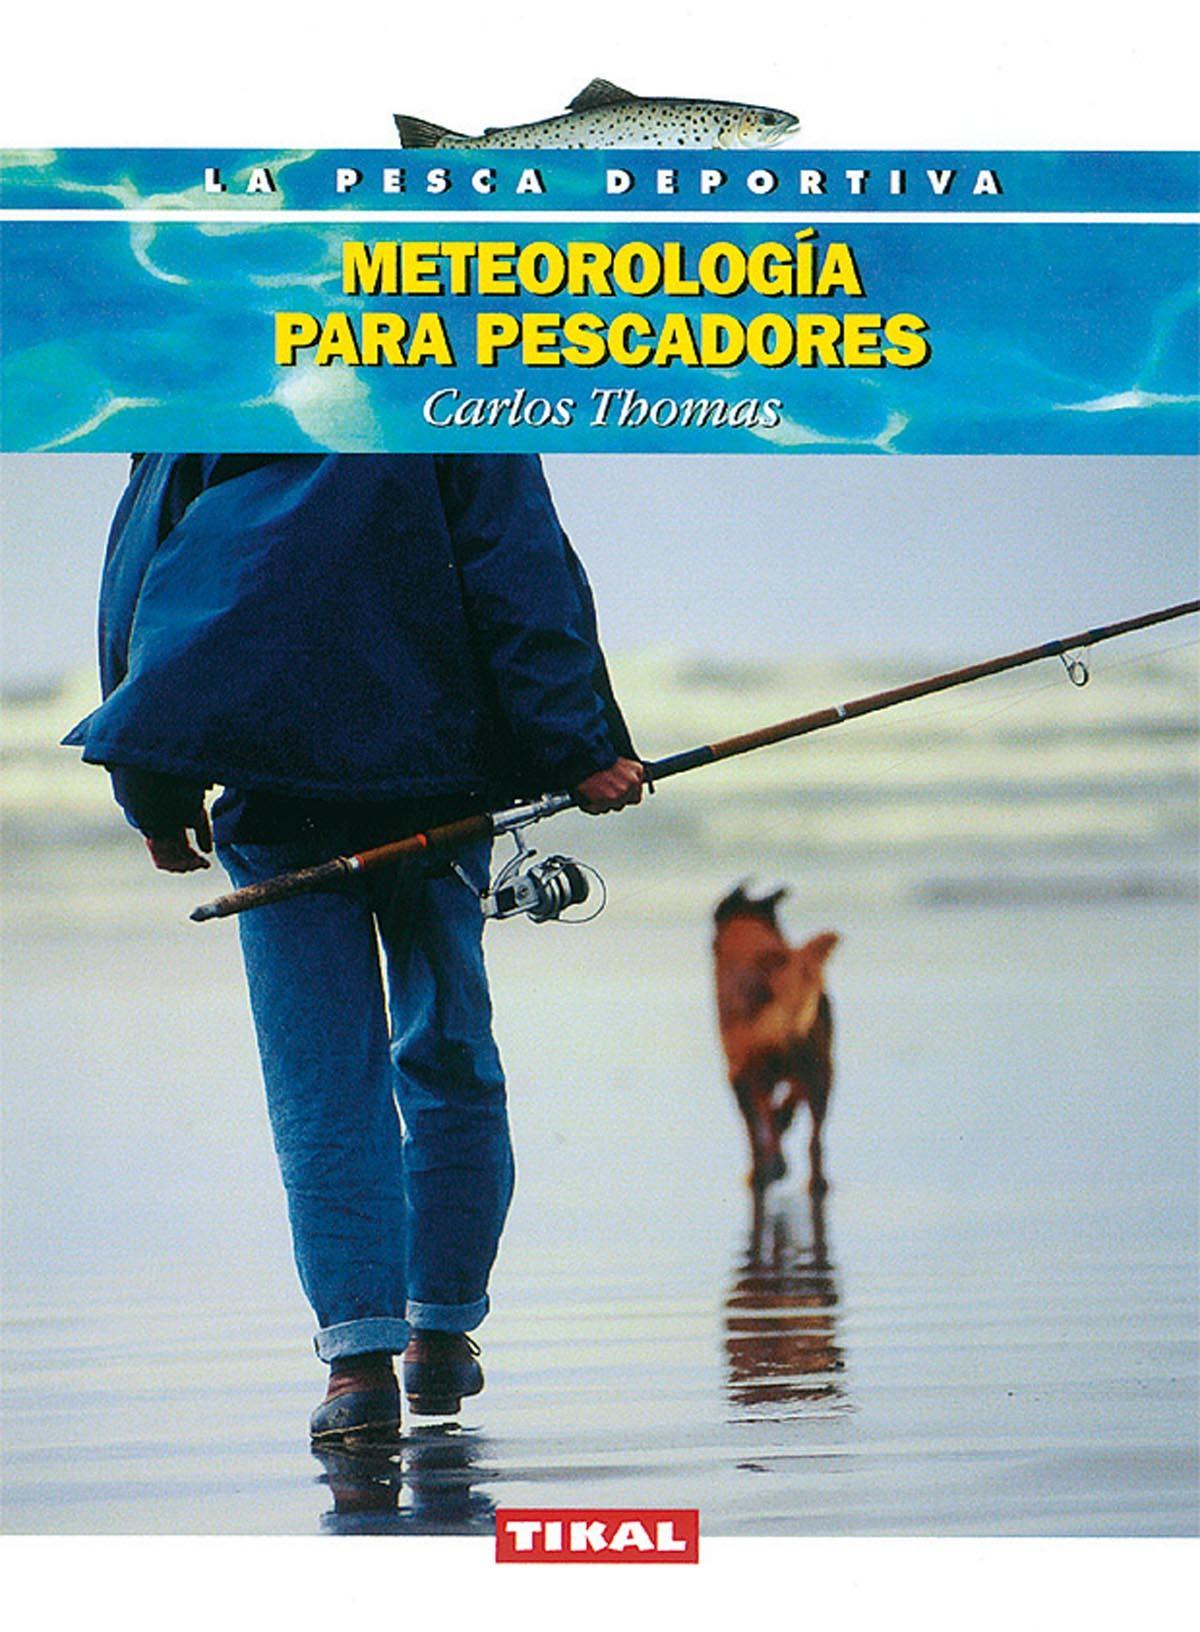 METEOROLOGIA PARA PESCADORES